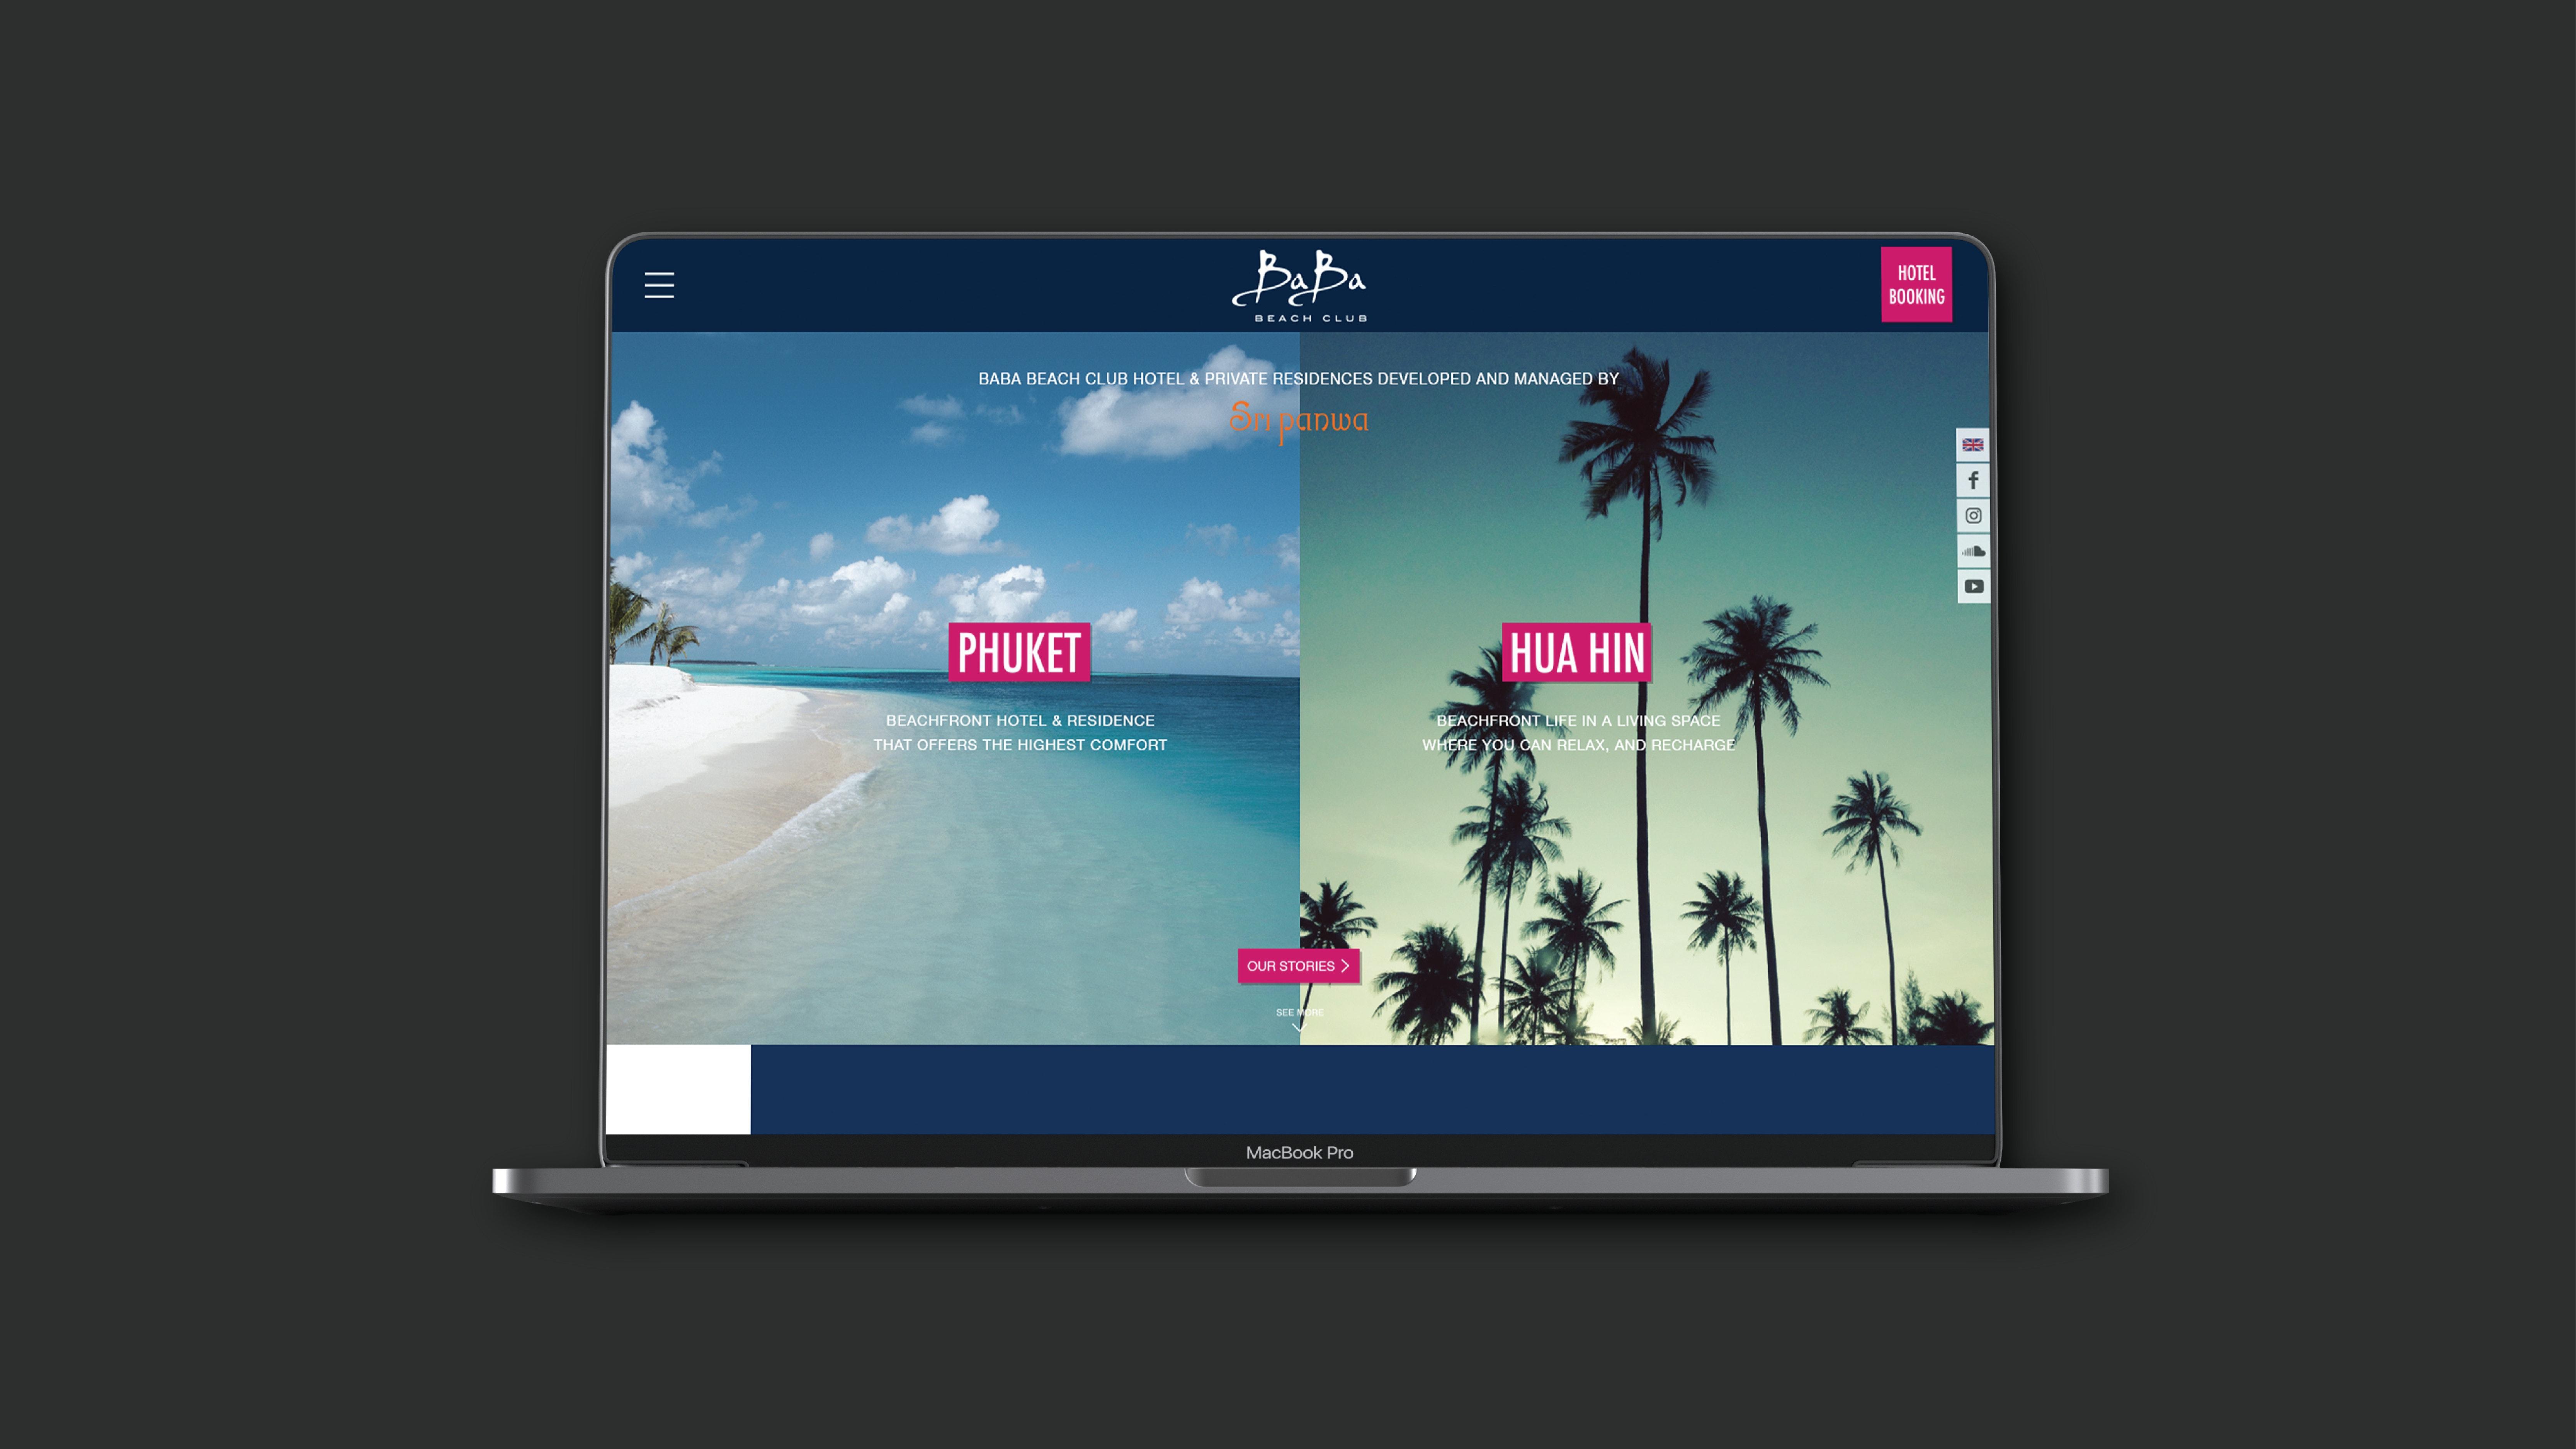 ผลงานออกแบบเว็บไซต์และพัฒนาระบบ BABA BEACH CLUB